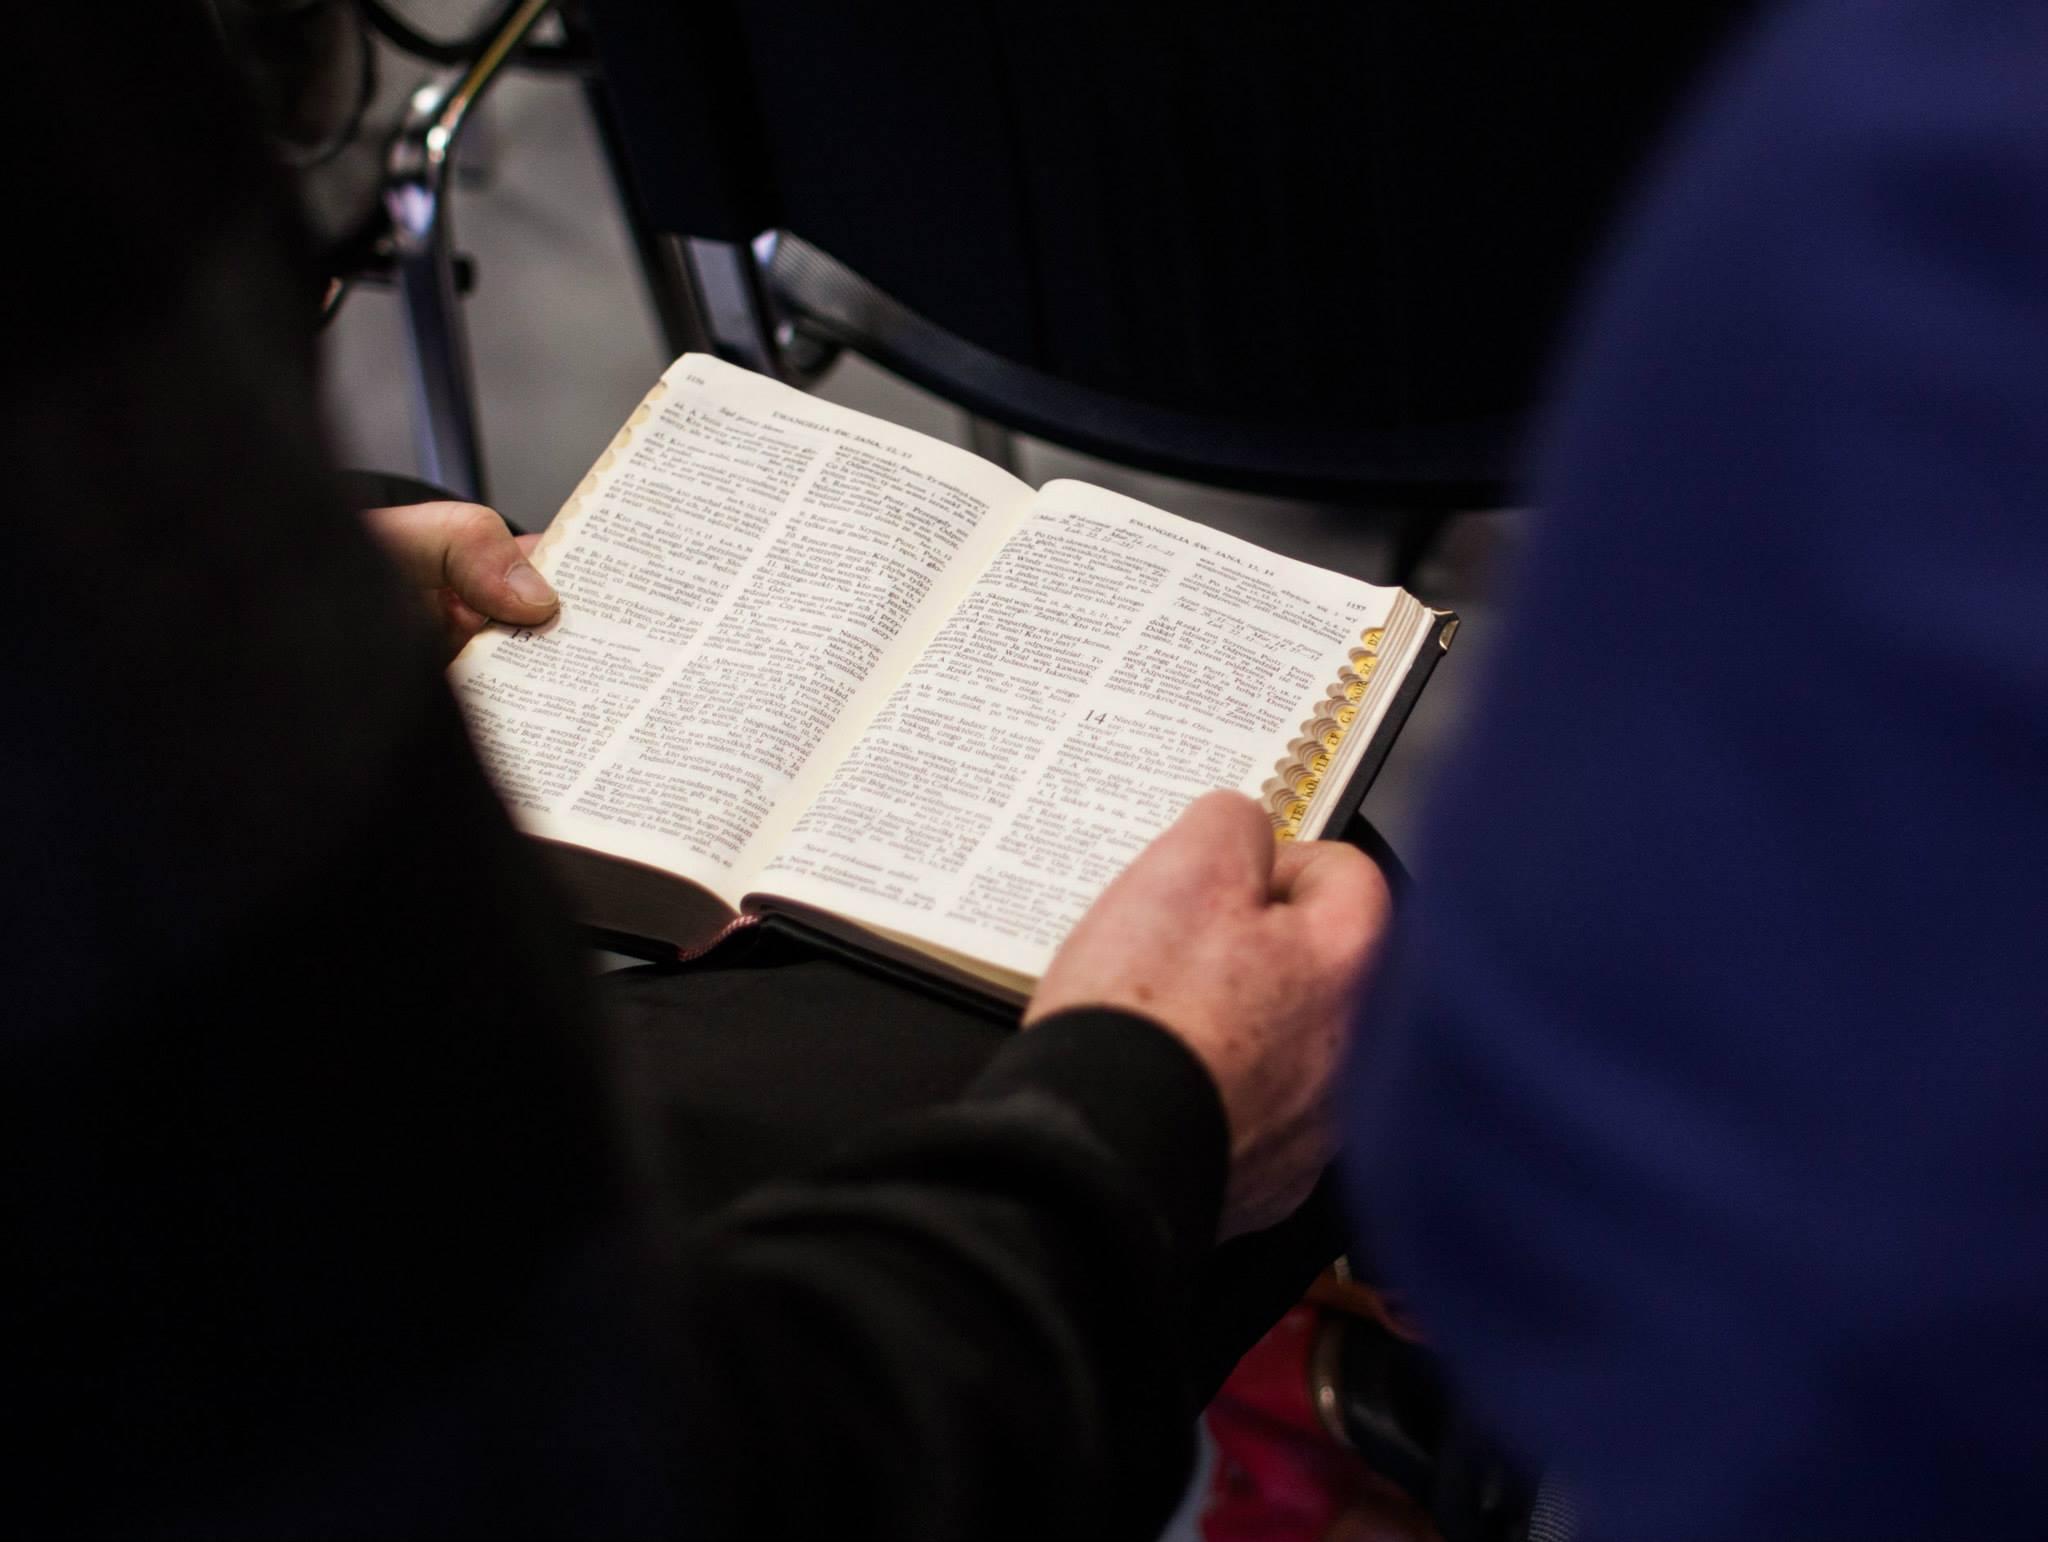 Biblia wiele mówi o modlitwie, zadziwiające, że jeszcze nie wszystko odkryliśmy.